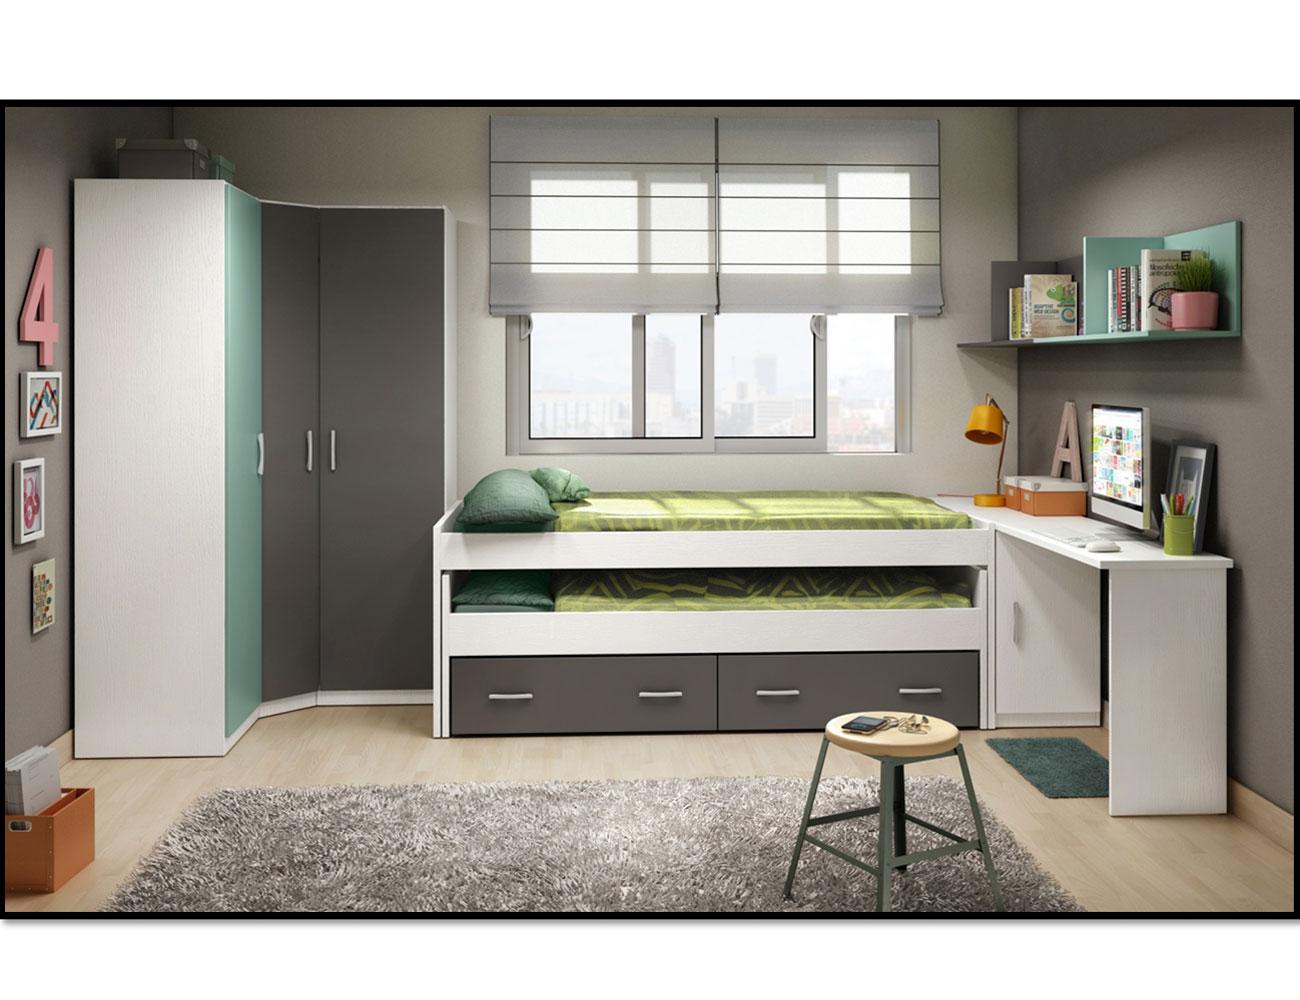 1 dormitorio juvenil cama nido